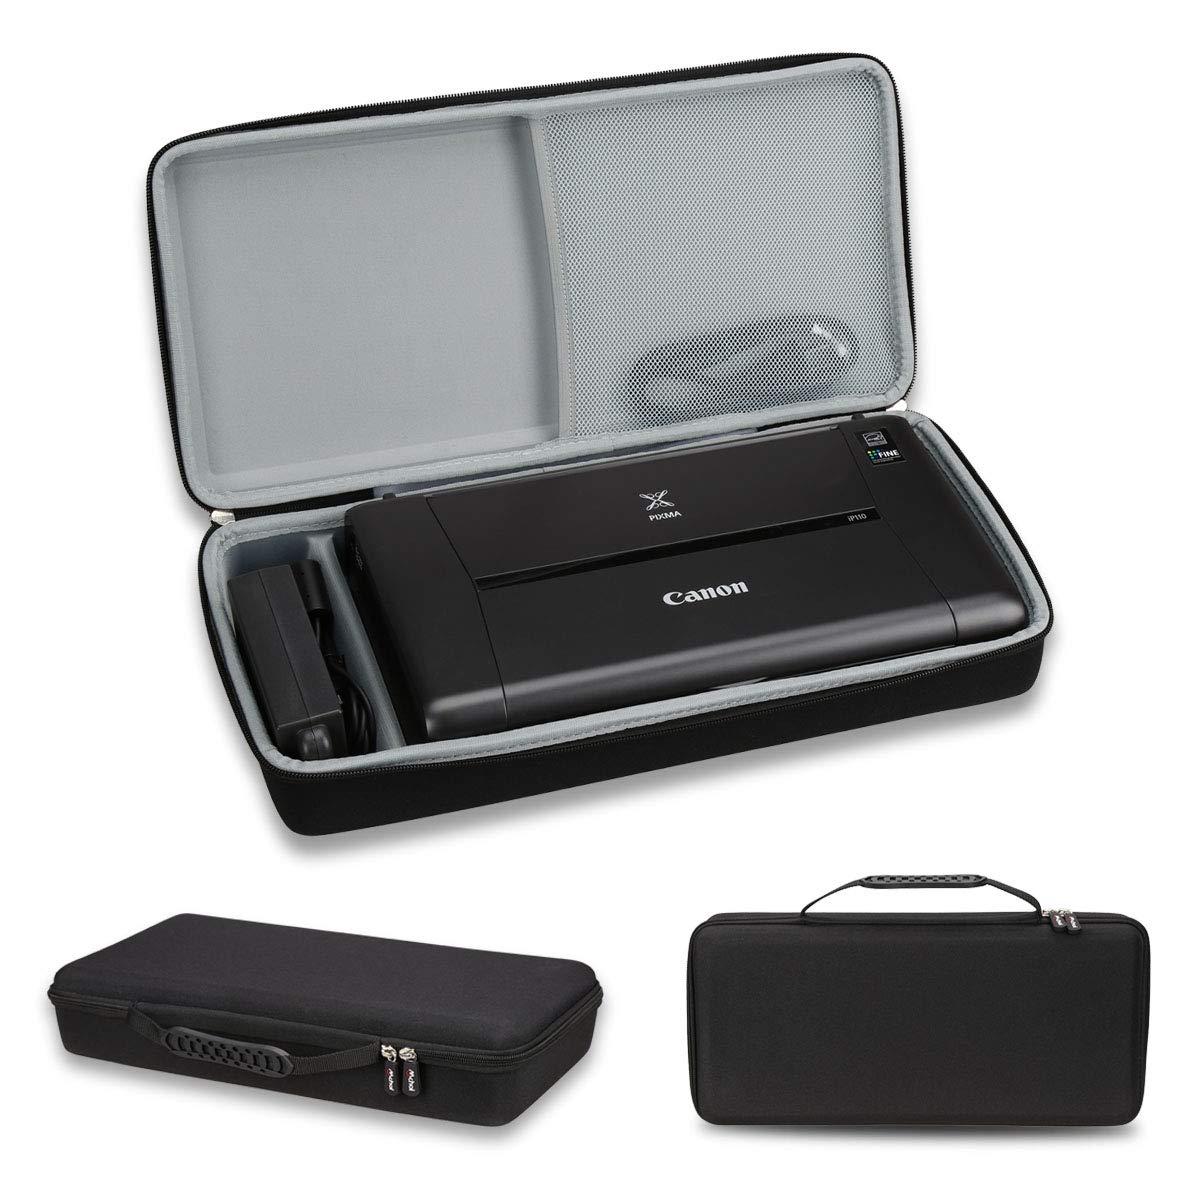 Mchoi - Carcasa rígida para Impresora móvil Canon PIXMA iP110 ...